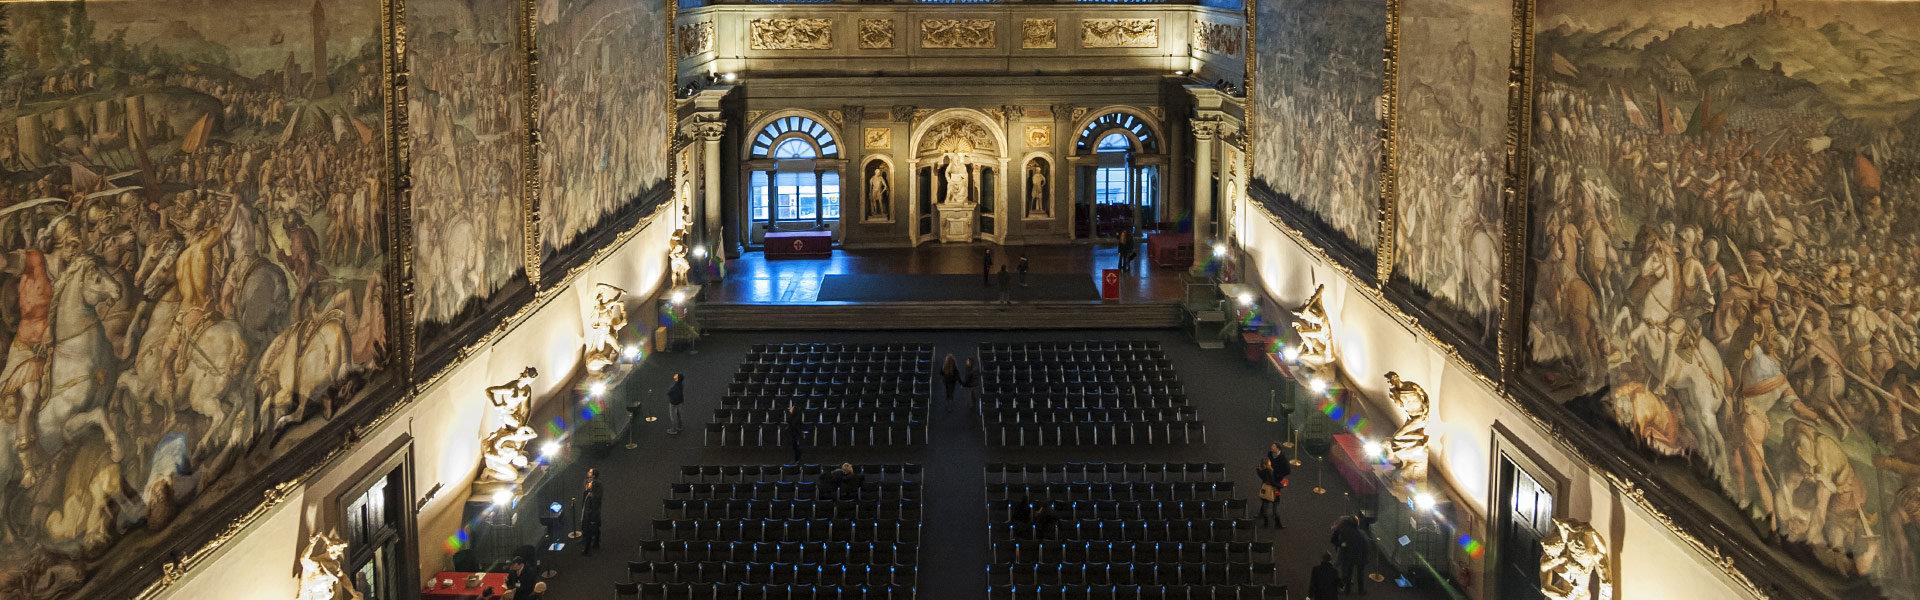 Der prächtige Innenraum des Palazzo Vecchio in Florenz